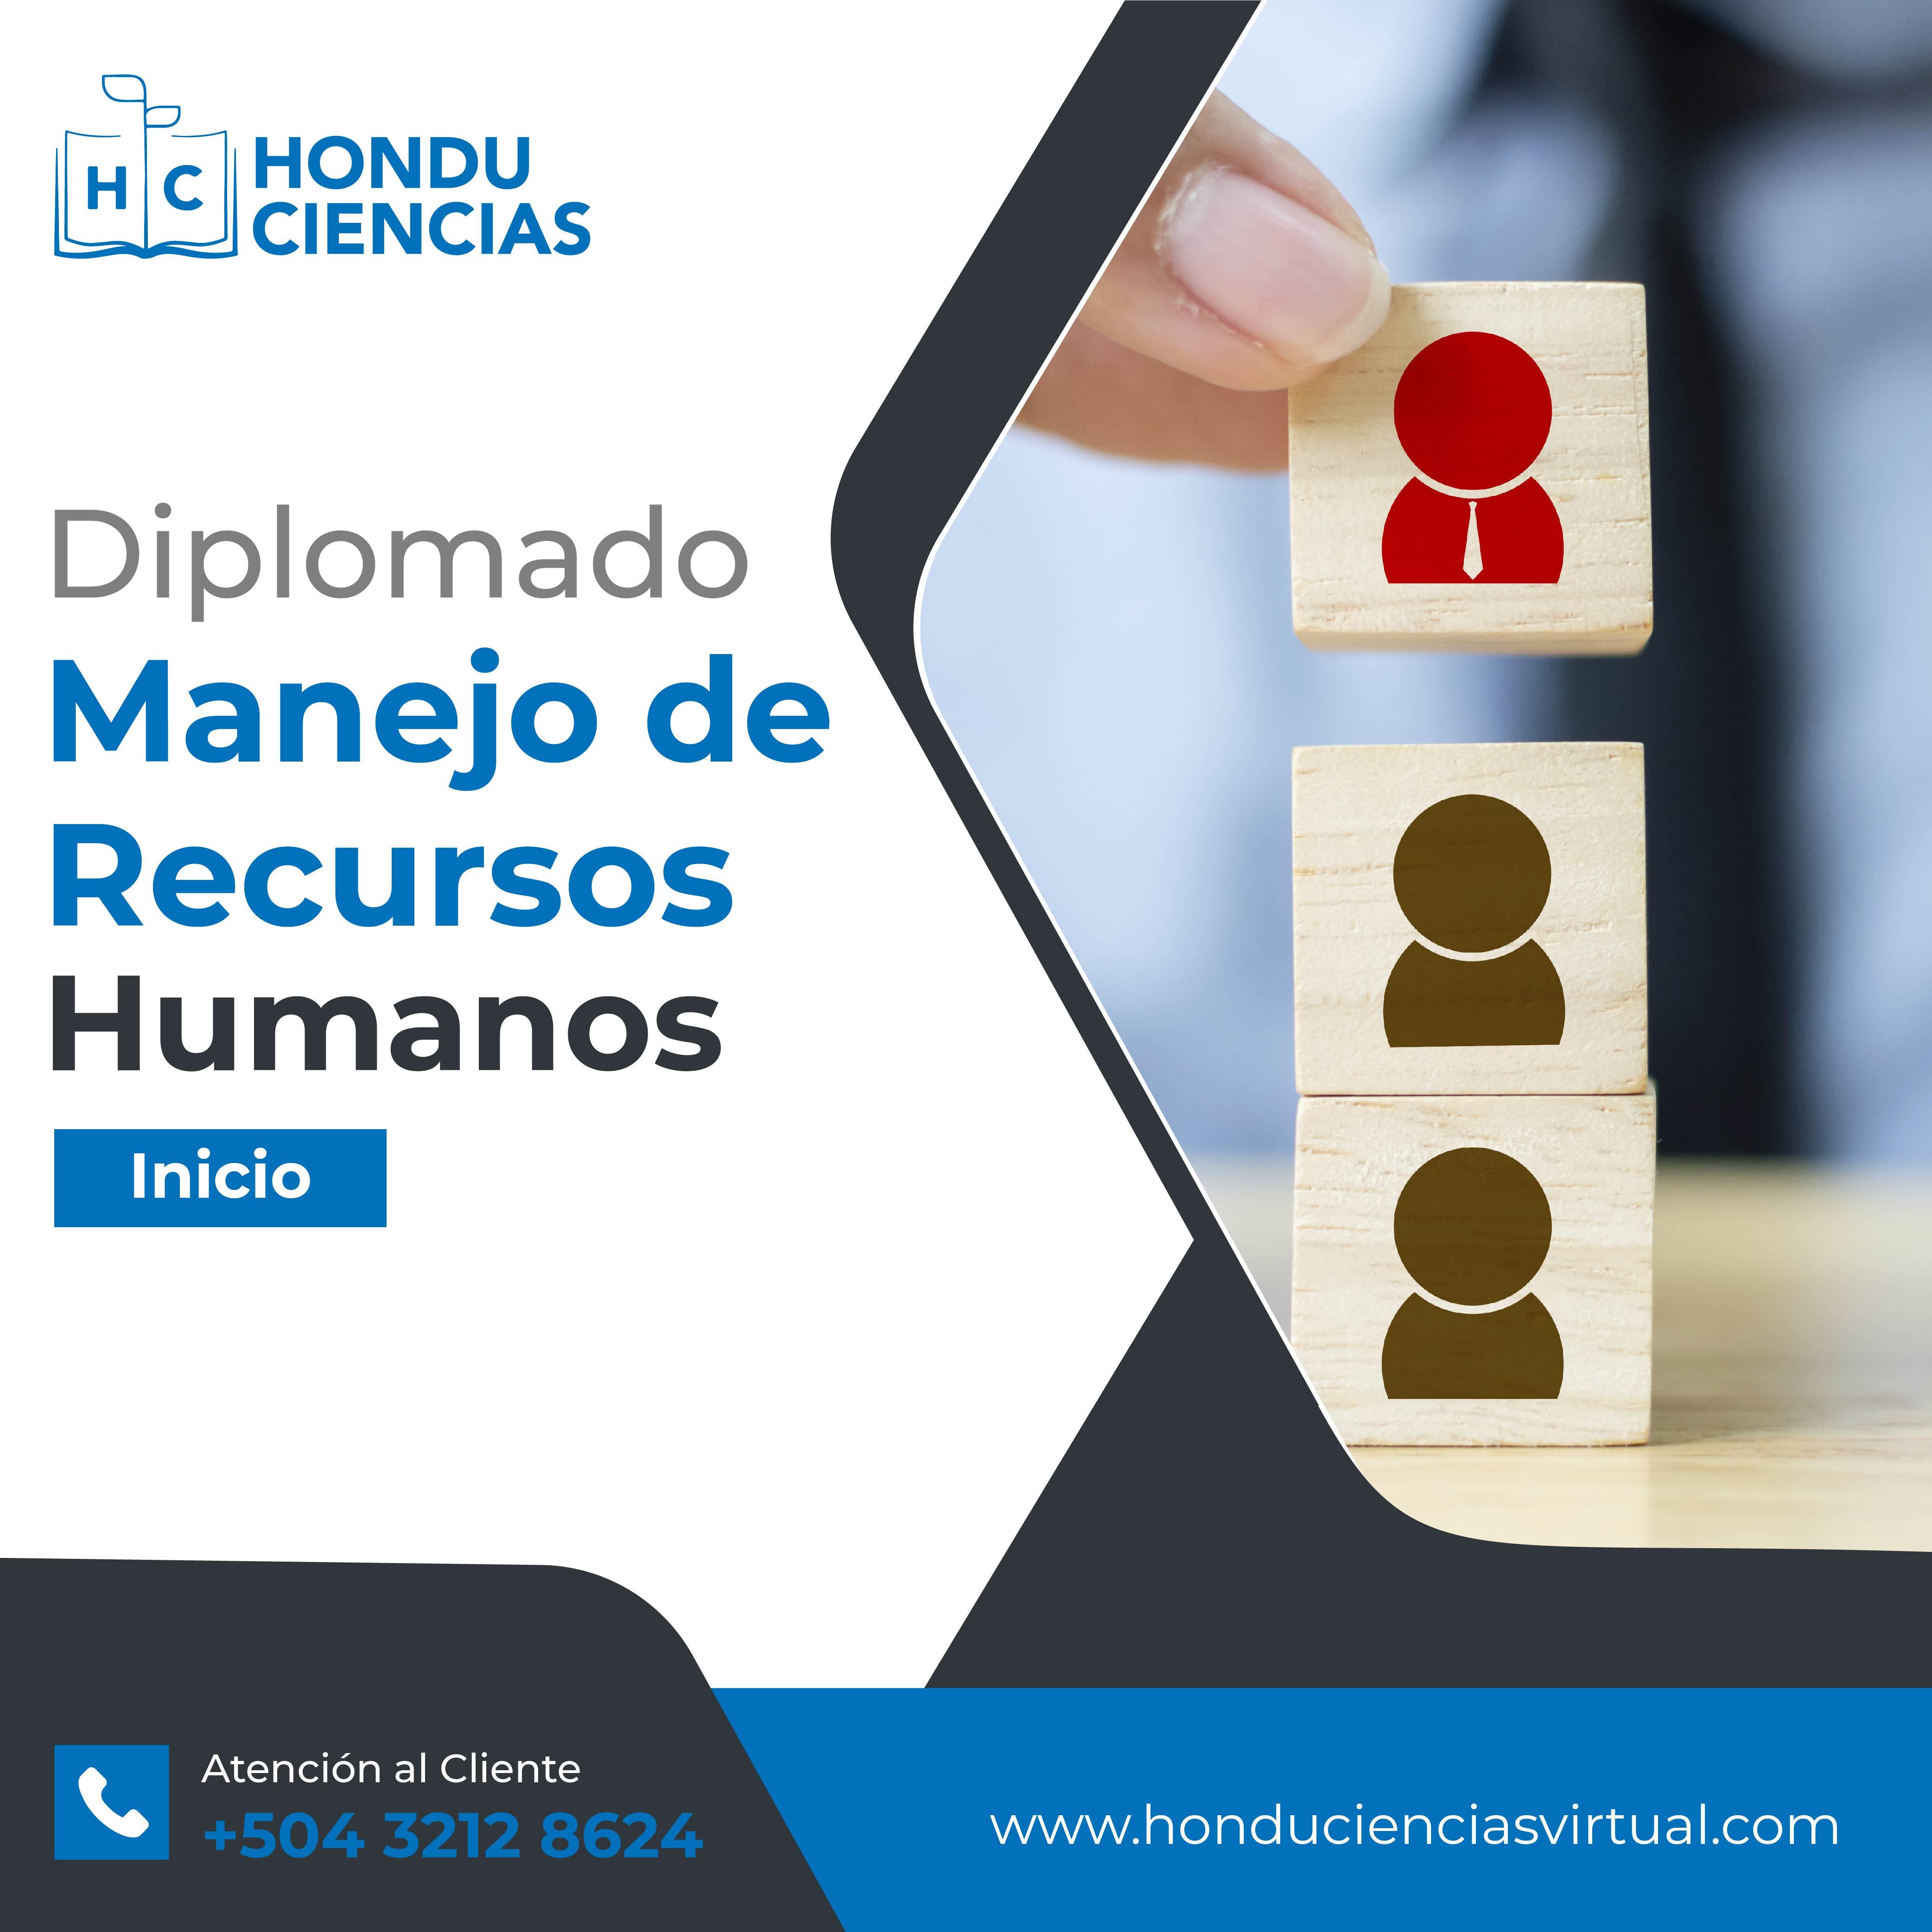 Manejo de Recursos Humanos